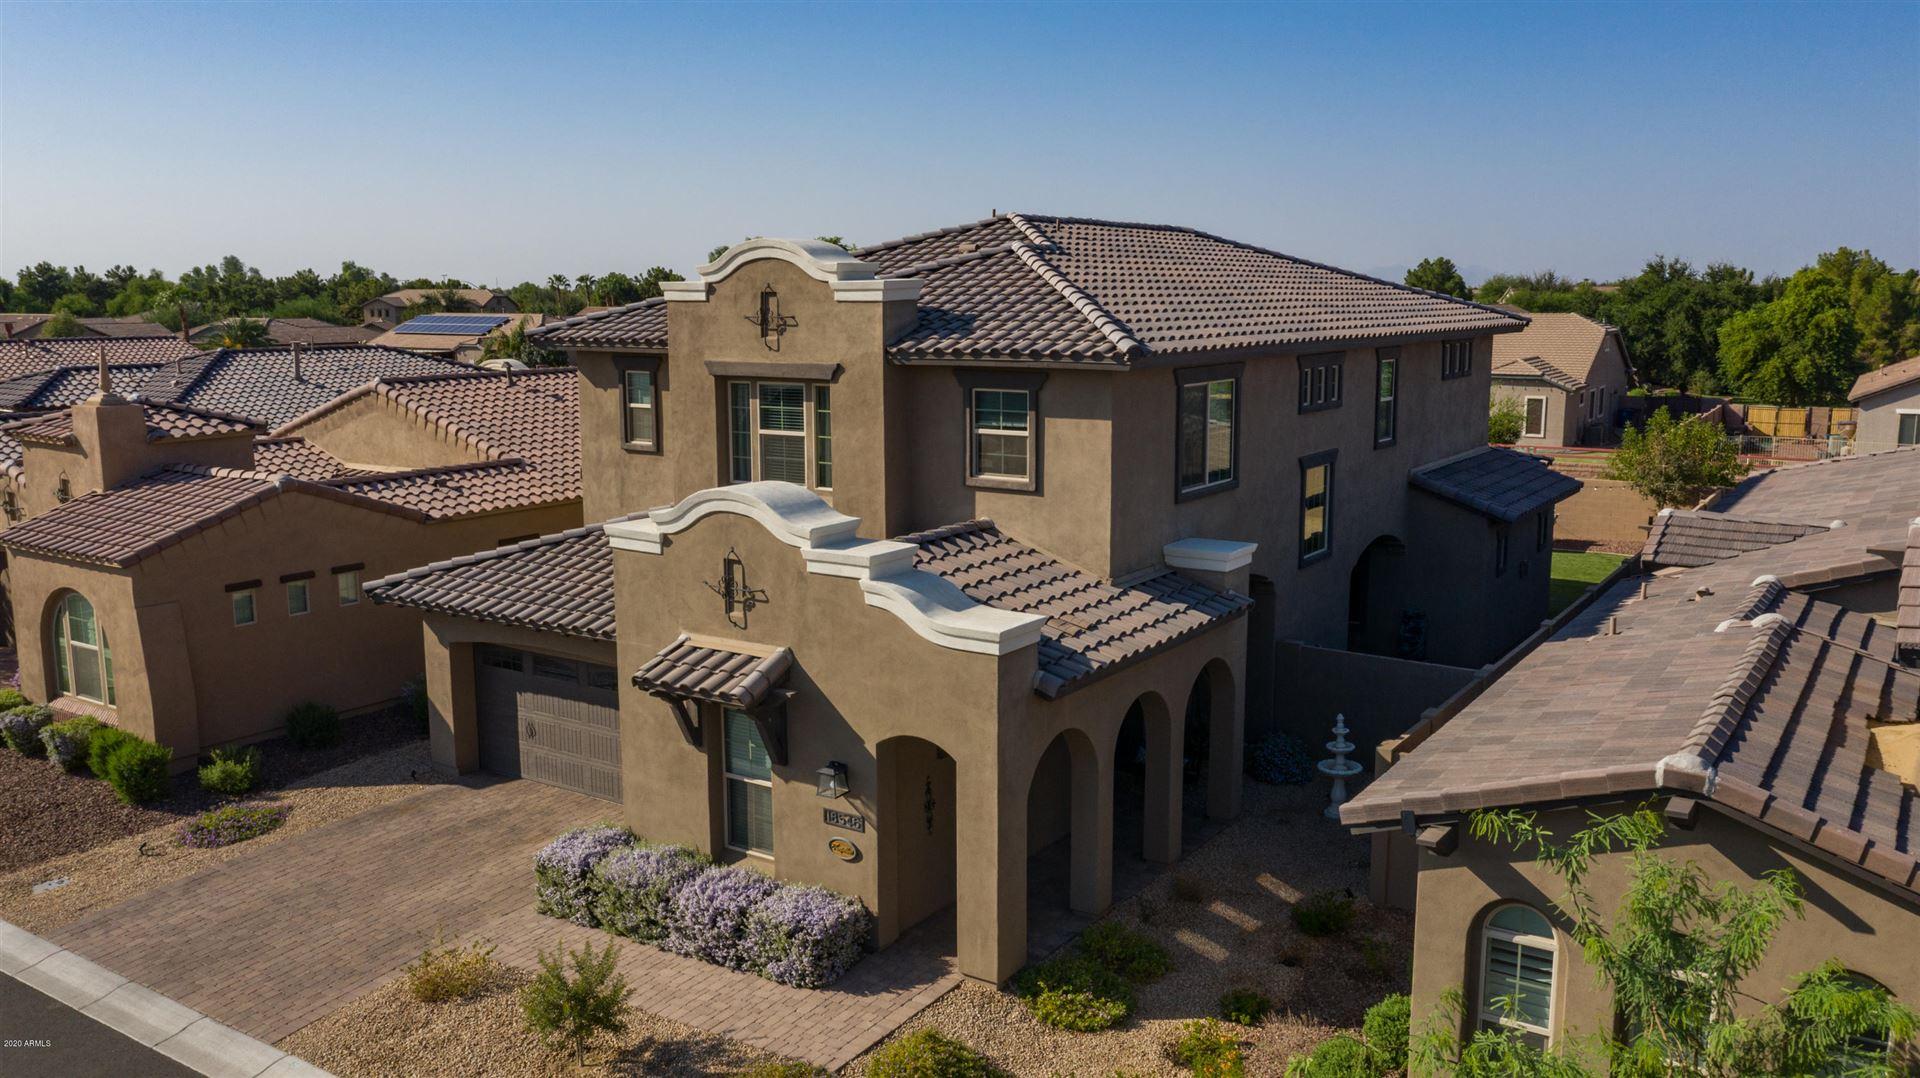 18546 E MOCKINGBIRD Court, Queen Creek, AZ 85142 - MLS#: 6111059